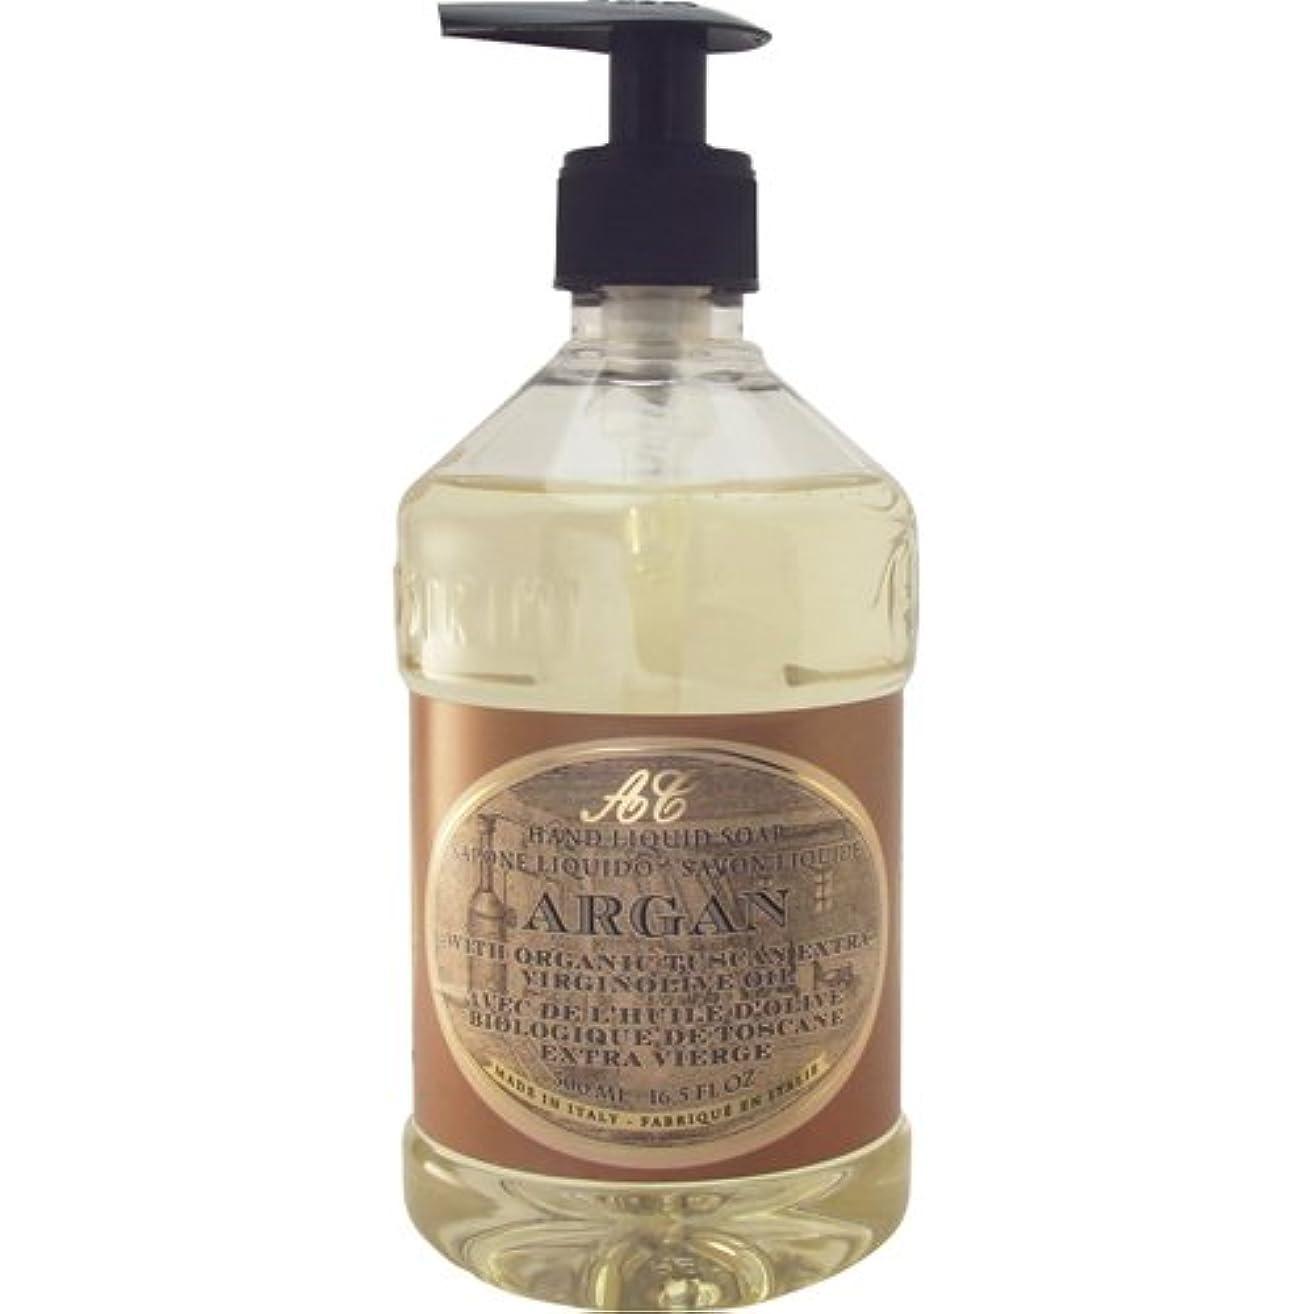 コア松ボランティアSaponerire Fissi レトロシリーズ Liquid Soap リキッドソープ 500ml Argan アルガンオイル